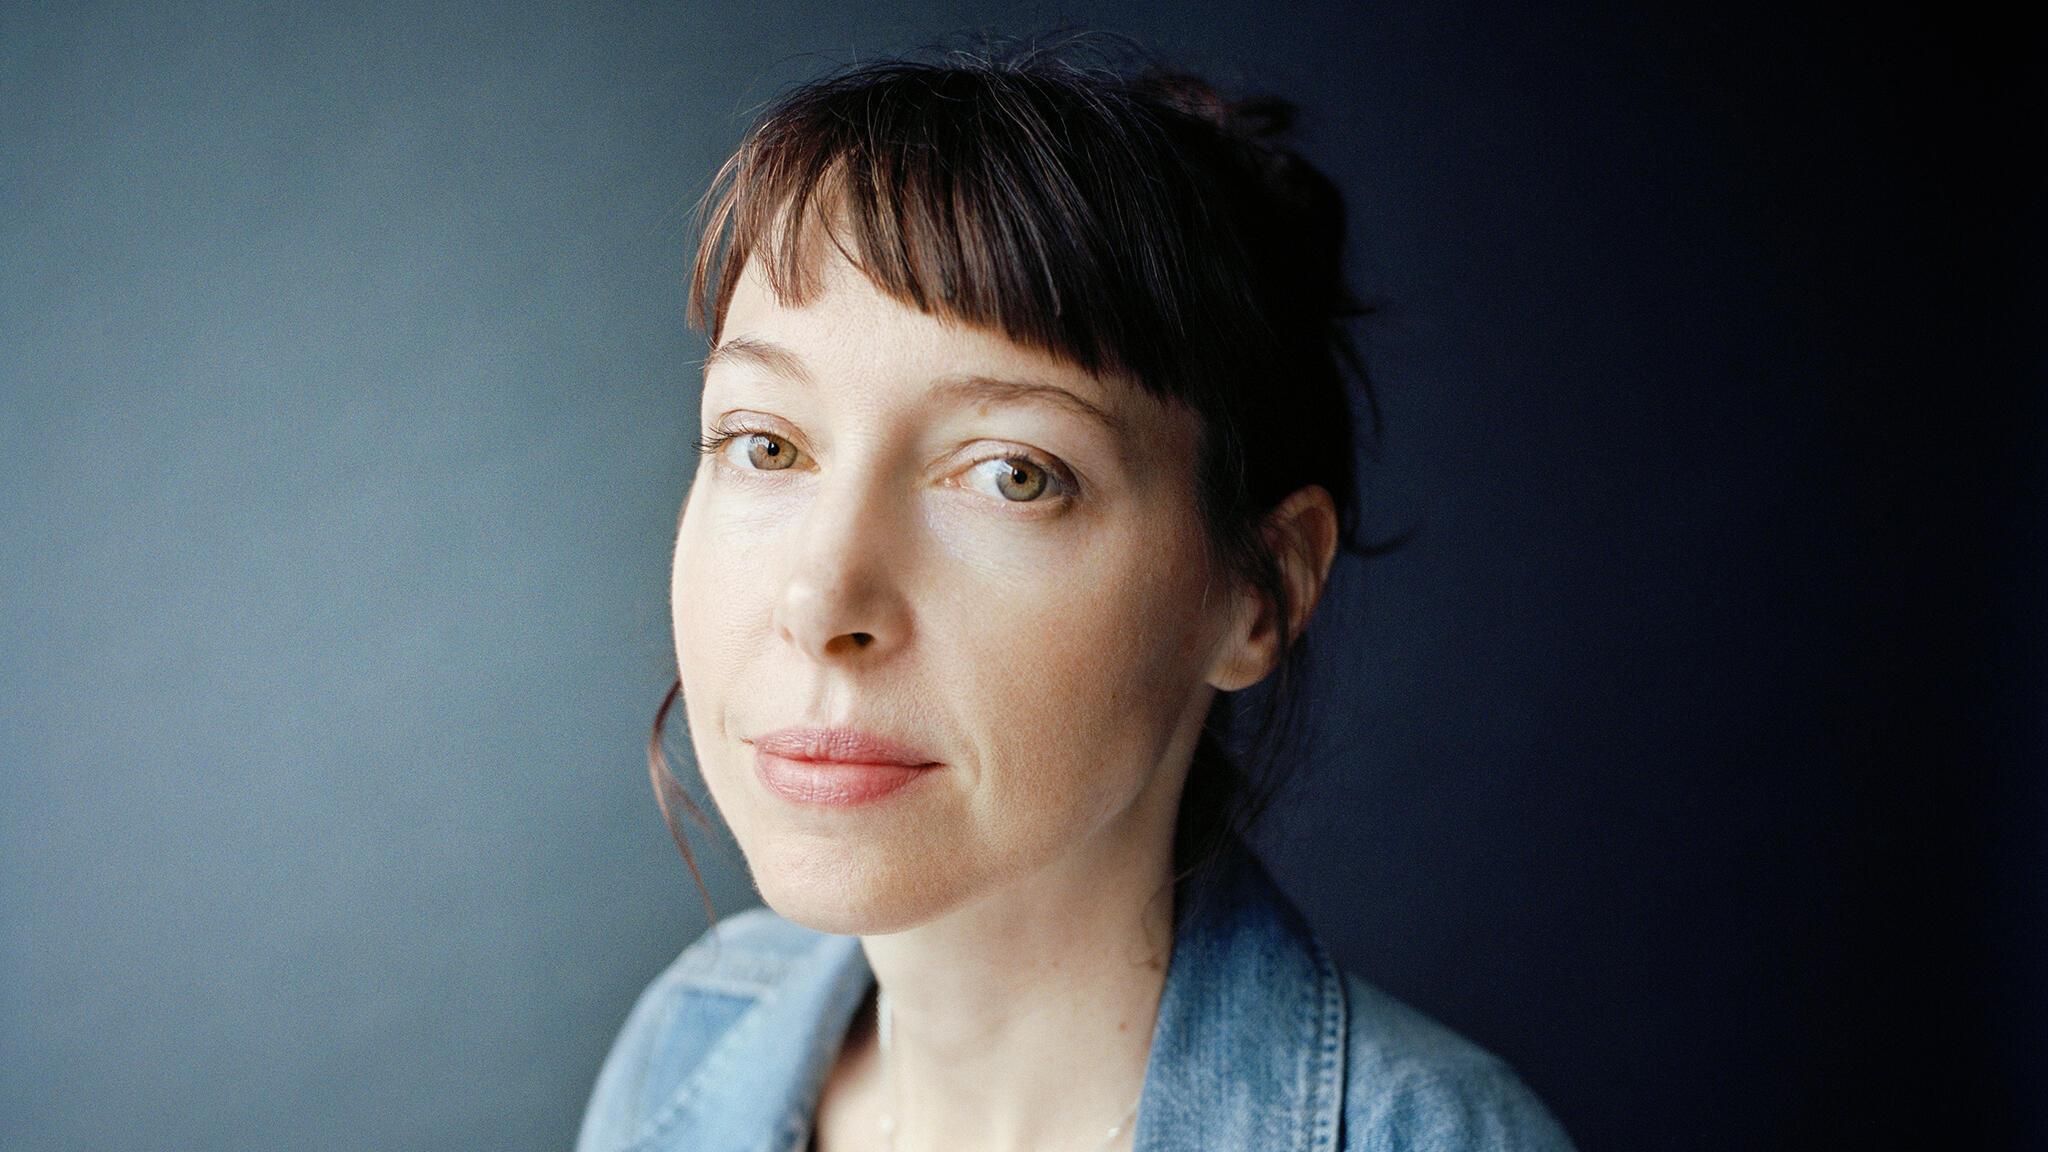 La chanteuse française Jeanne Cherhal publie un album intitulé « L'an 40 ».